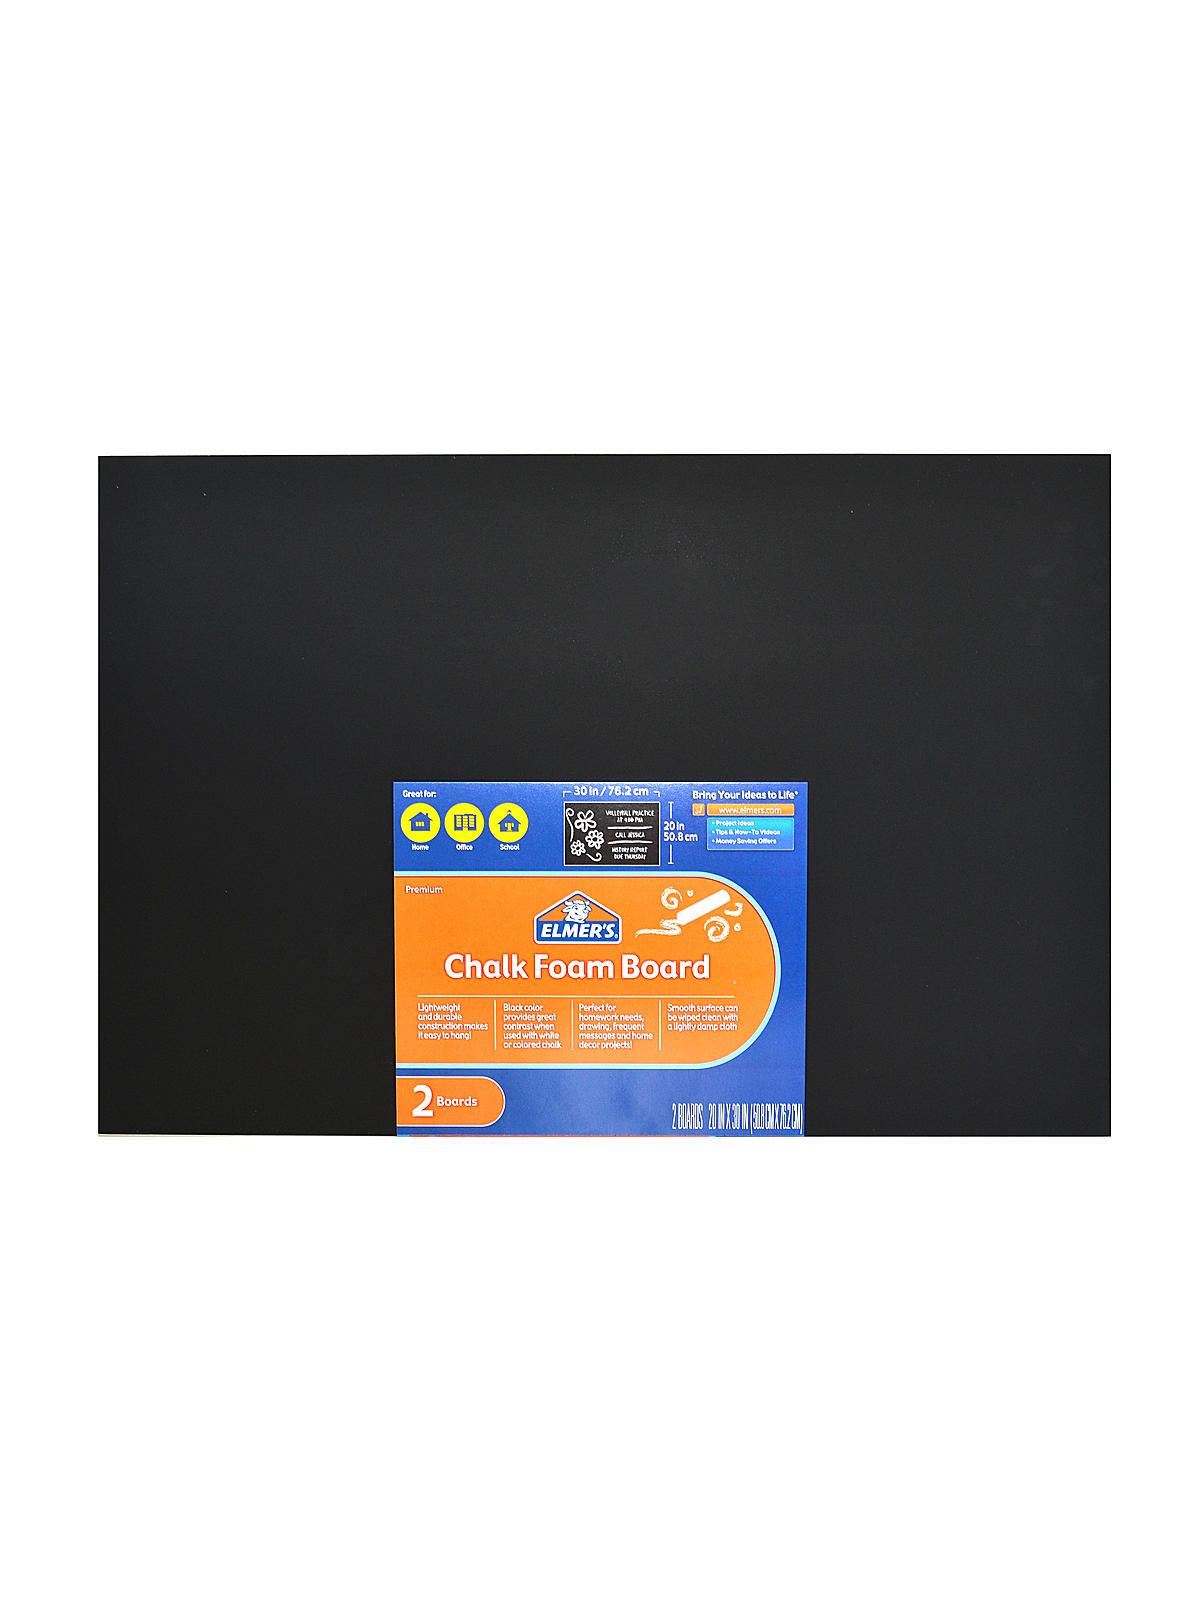 Chalk Foam Board